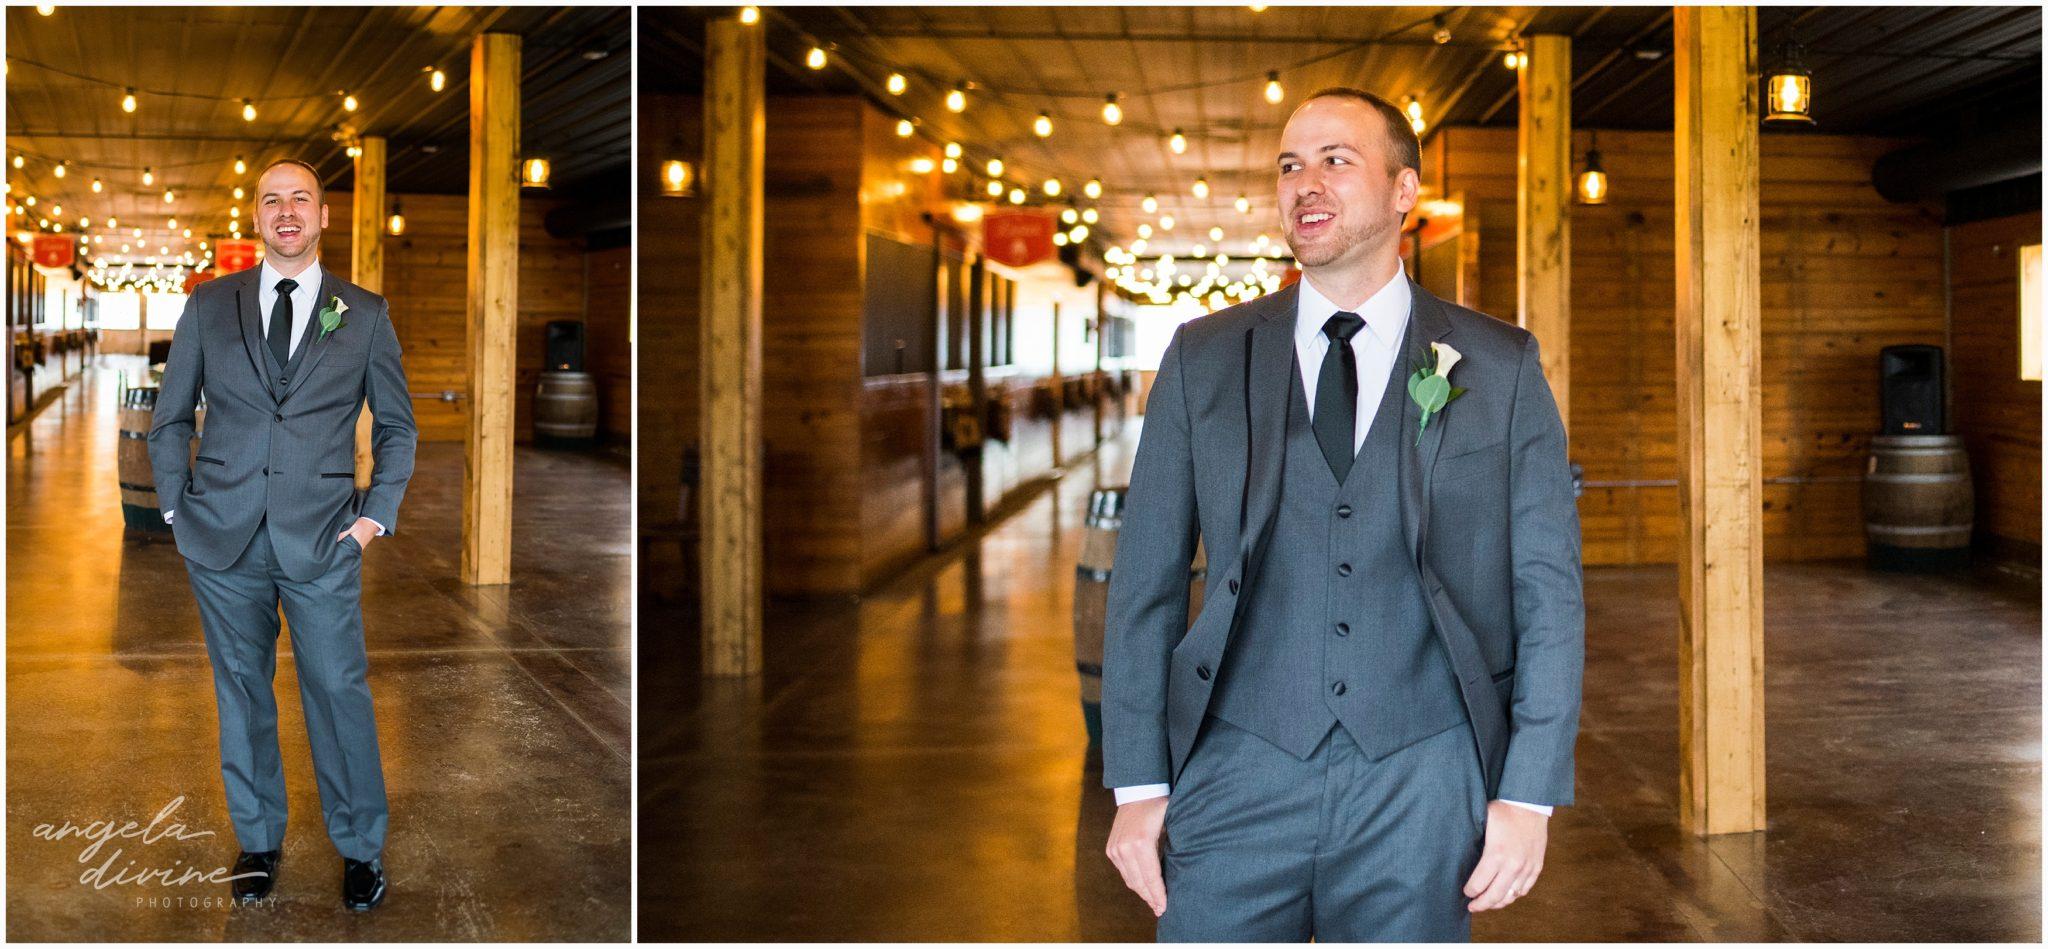 Carlos Creek Winery Wedding Groom